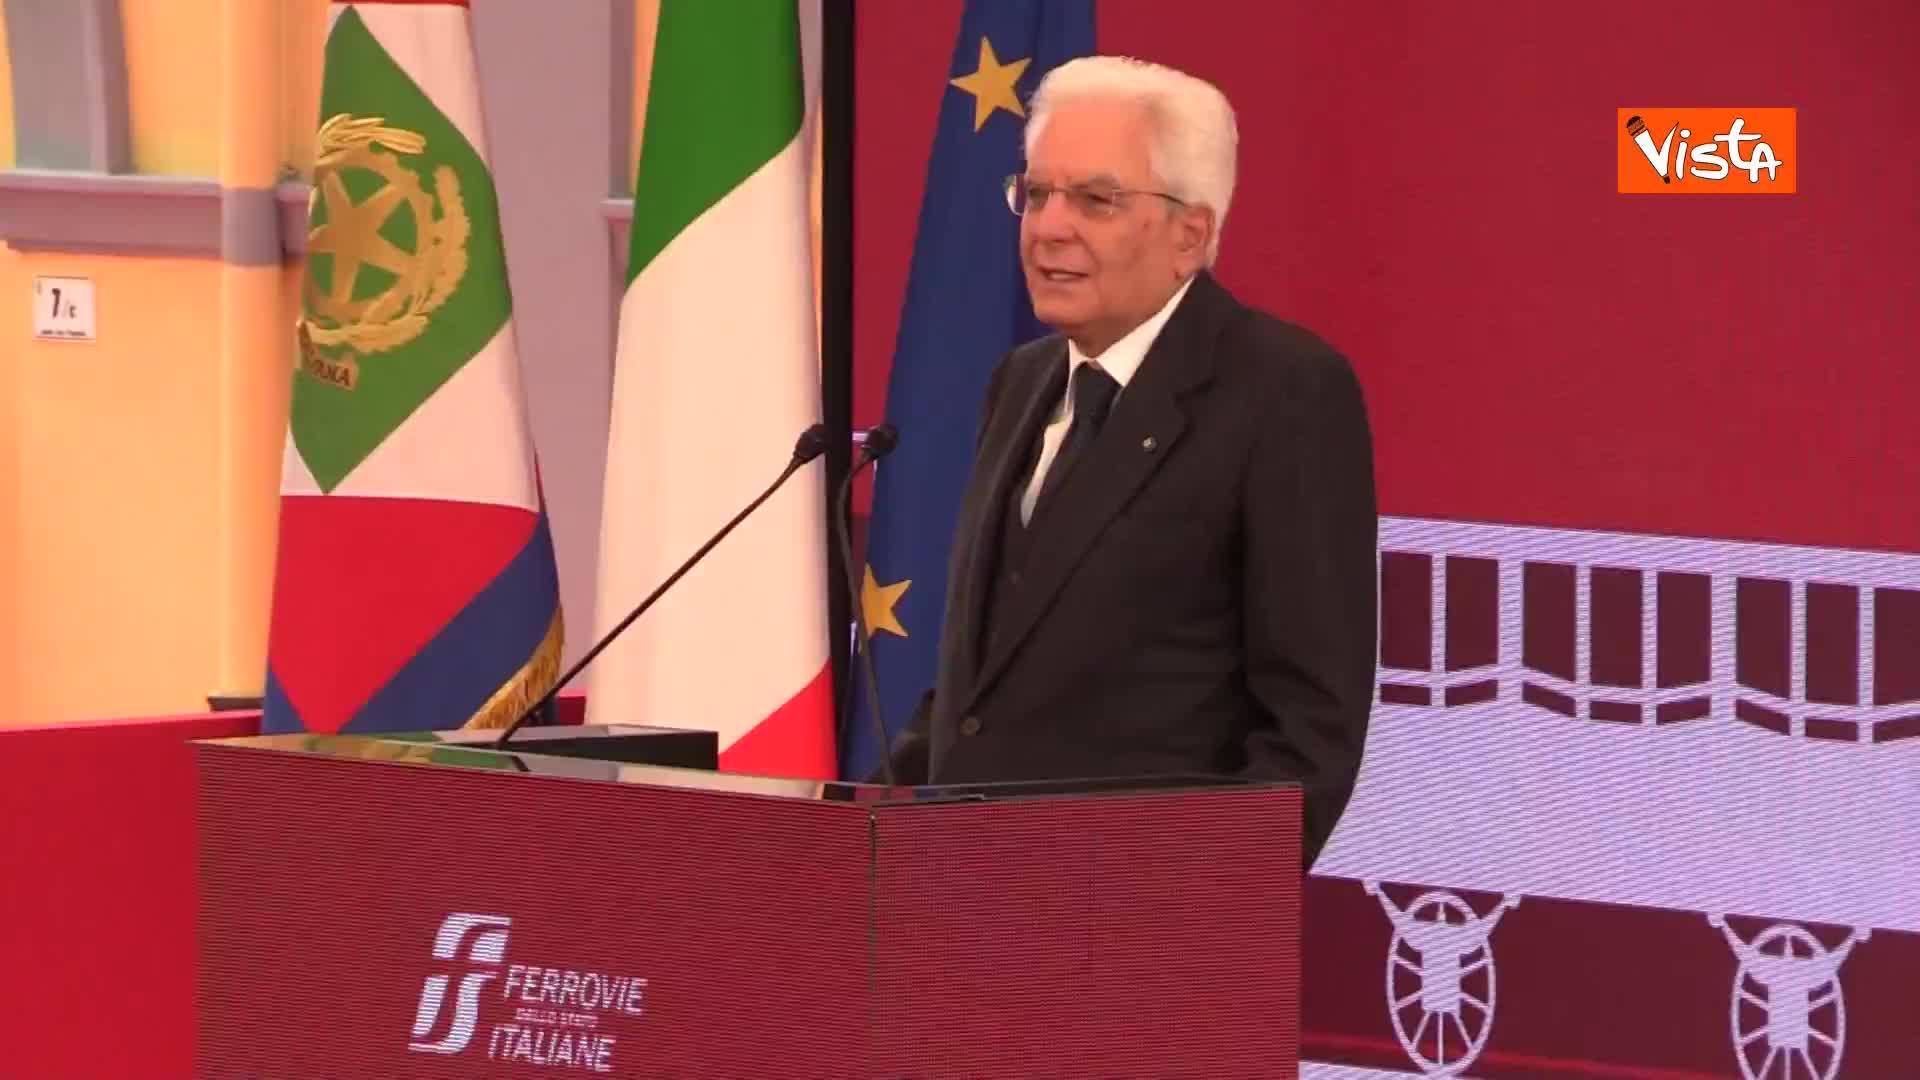 """Mattarella: """"I ferrovieri contribuiscono allo sviluppo del nostro Paese"""""""